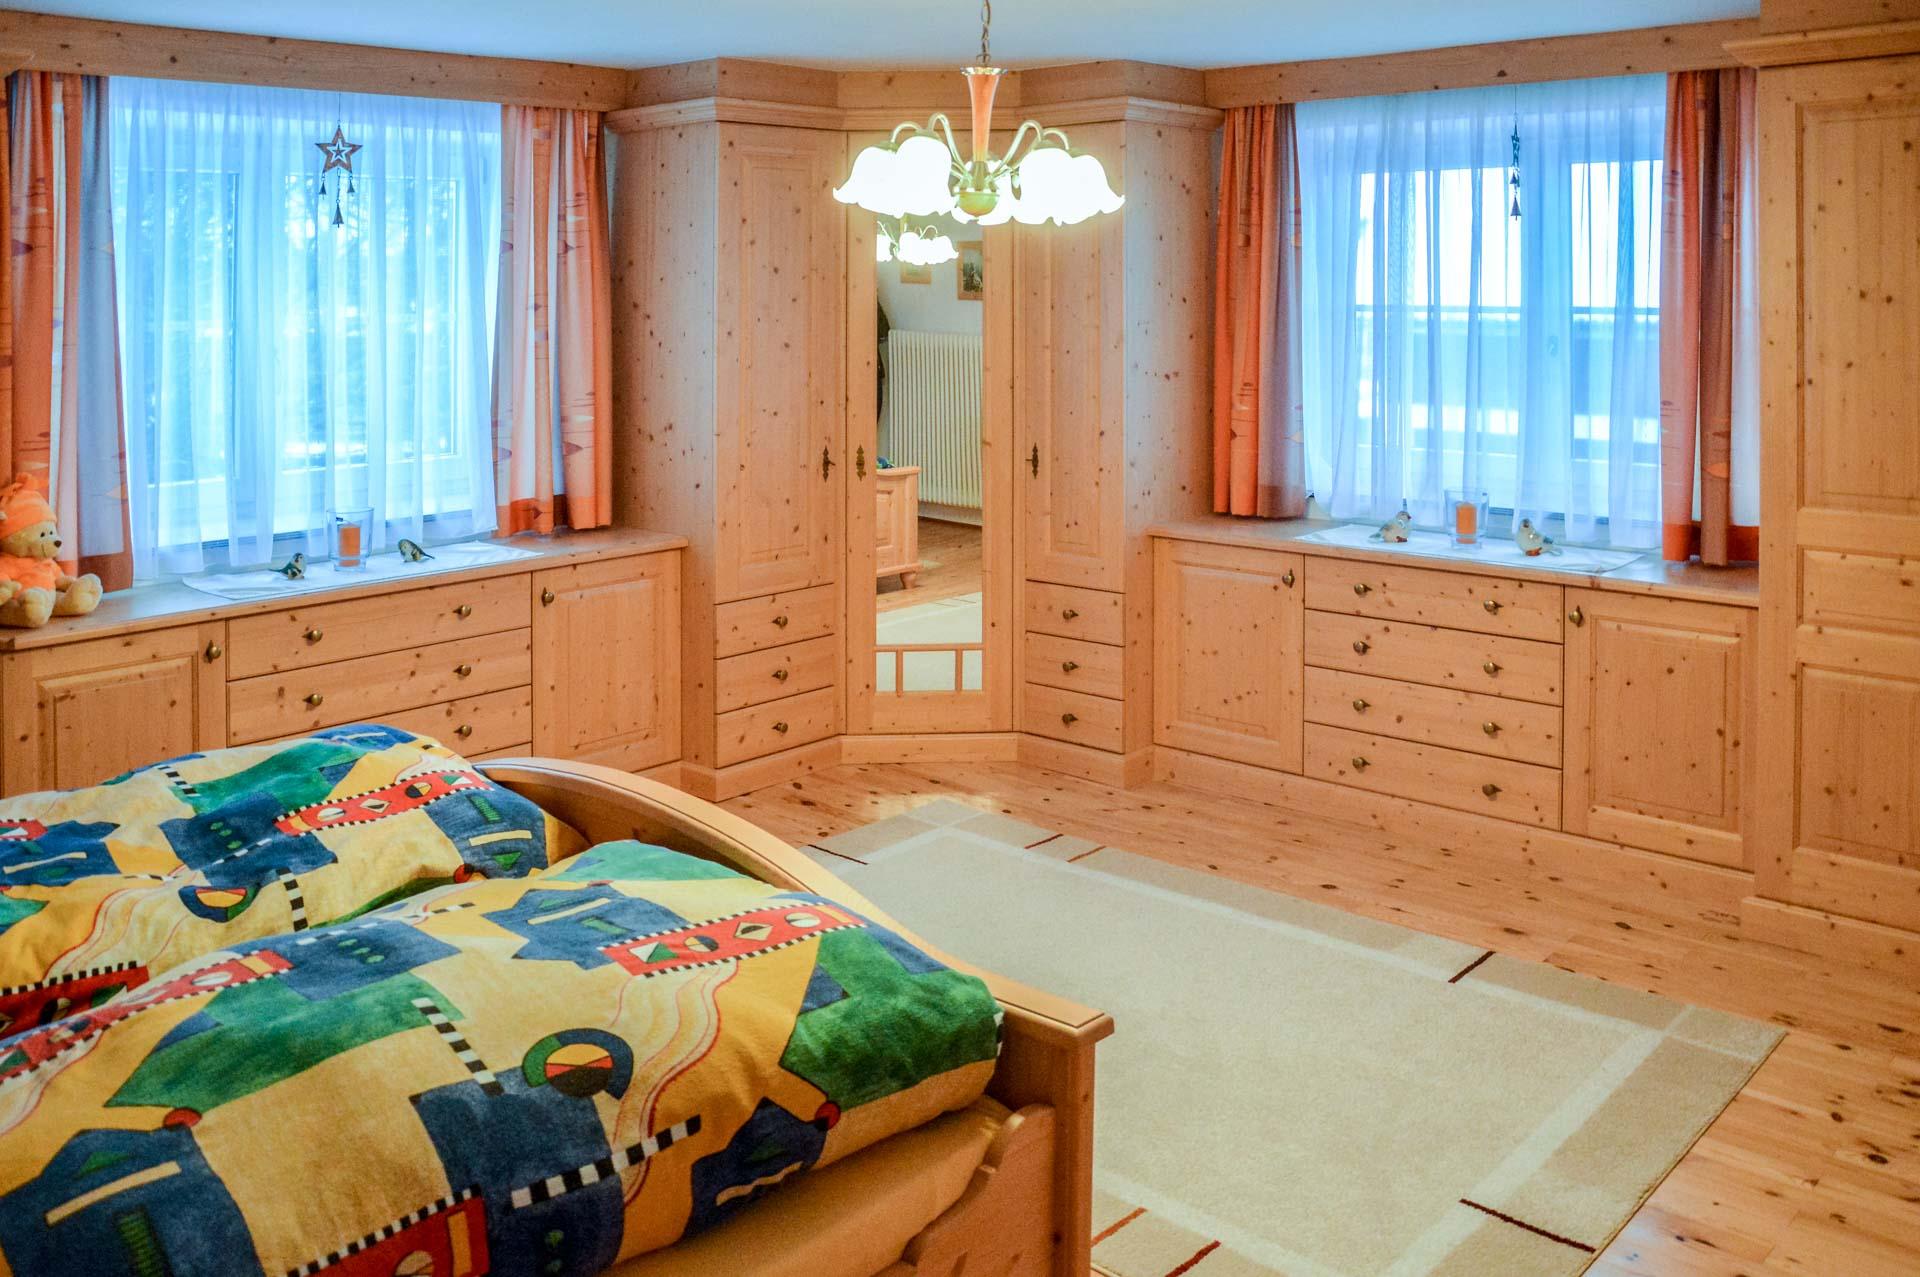 Galerie kletzl einrichtung for Schlafzimmer massivholz